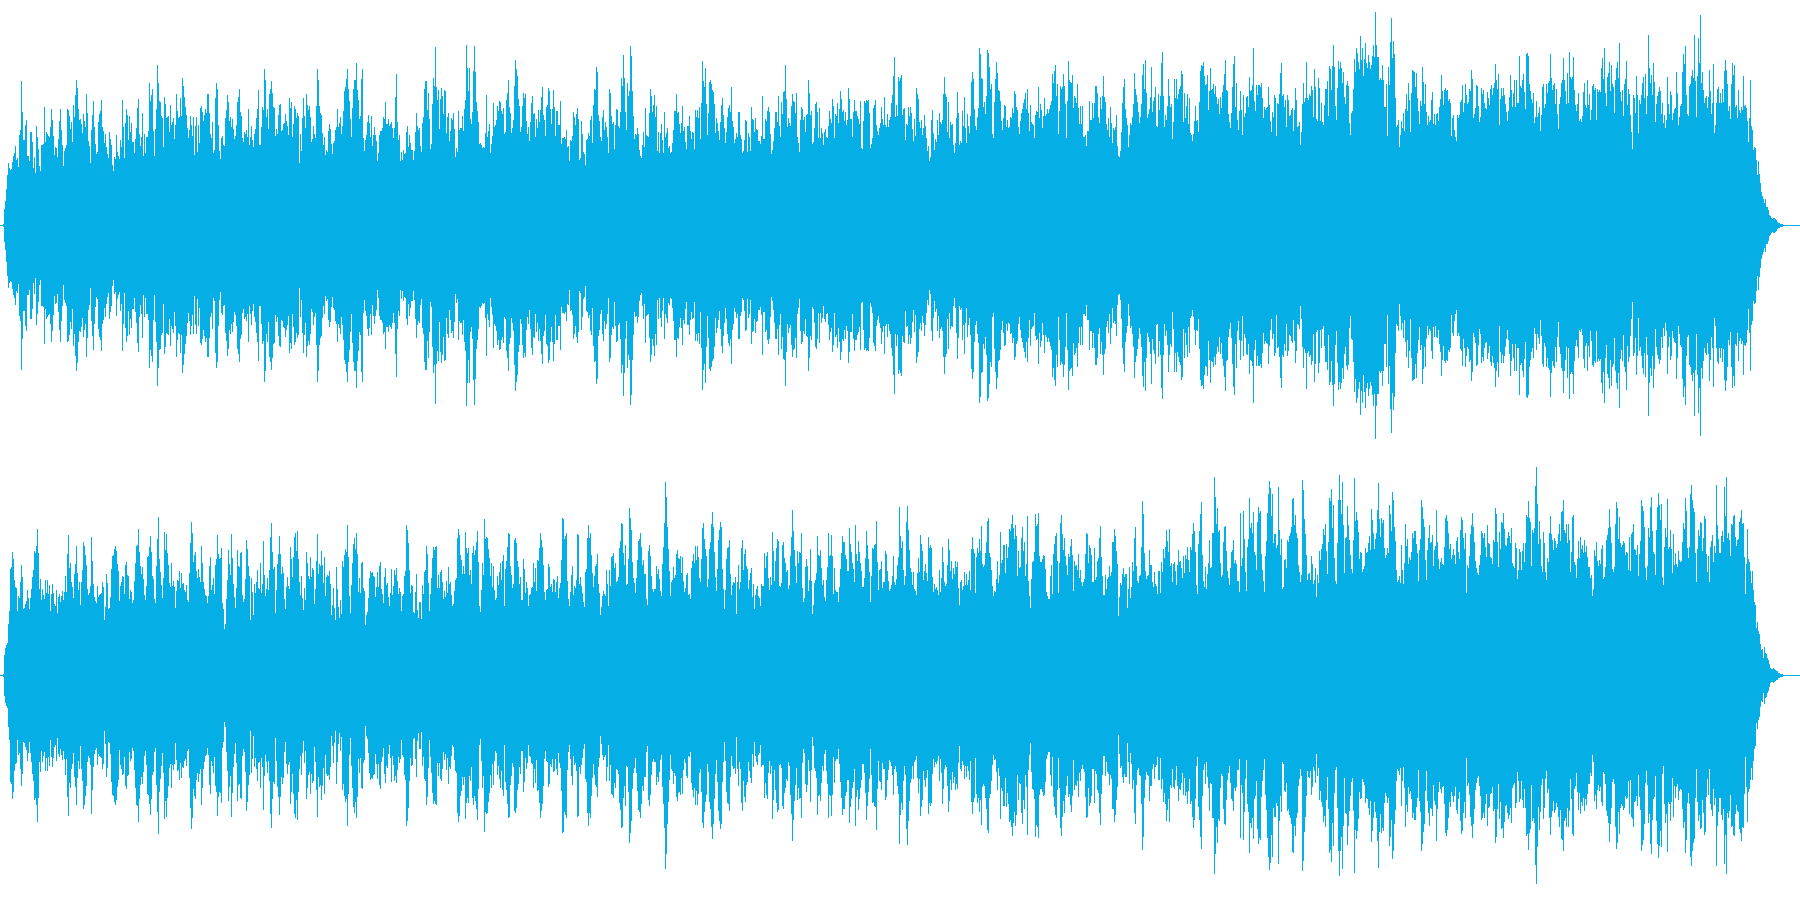 神秘的な印象のシンセサイザー楽曲の再生済みの波形